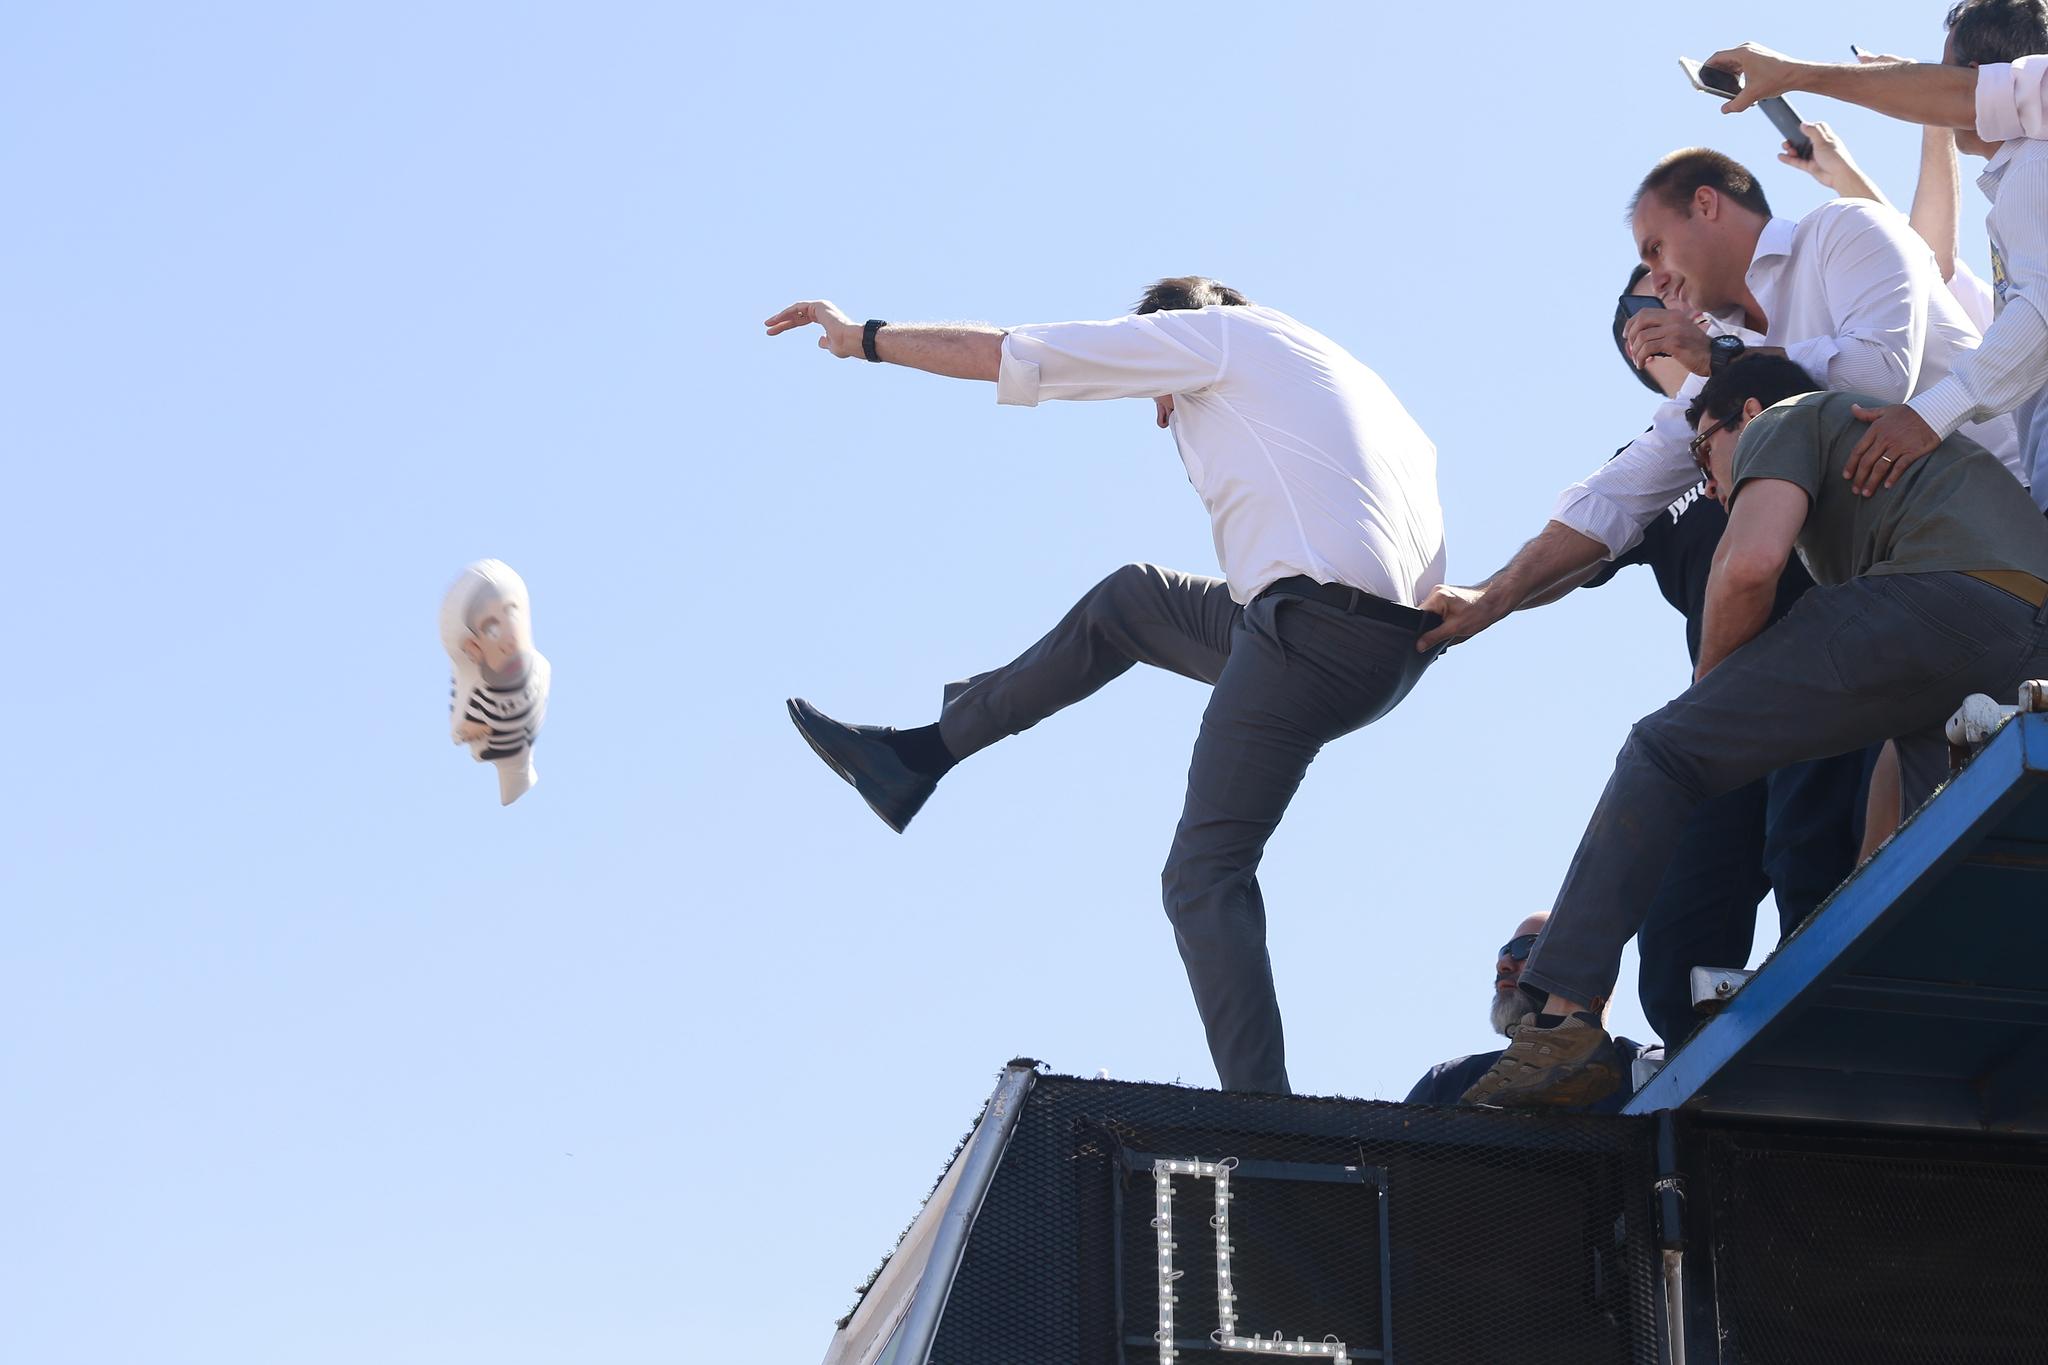 브라질 사회자유당(PSL)의 자이르 보우소나루 후보가 지난 5일(현지시간) 브라질리아에서 대선 유세 도중 루이스 이나시우 룰라 다시우바 전 브라질 대통령의 모습을 본뜬 풍선을 발로 차며 유세를 벌이고 있다. [EPA=연합뉴스]